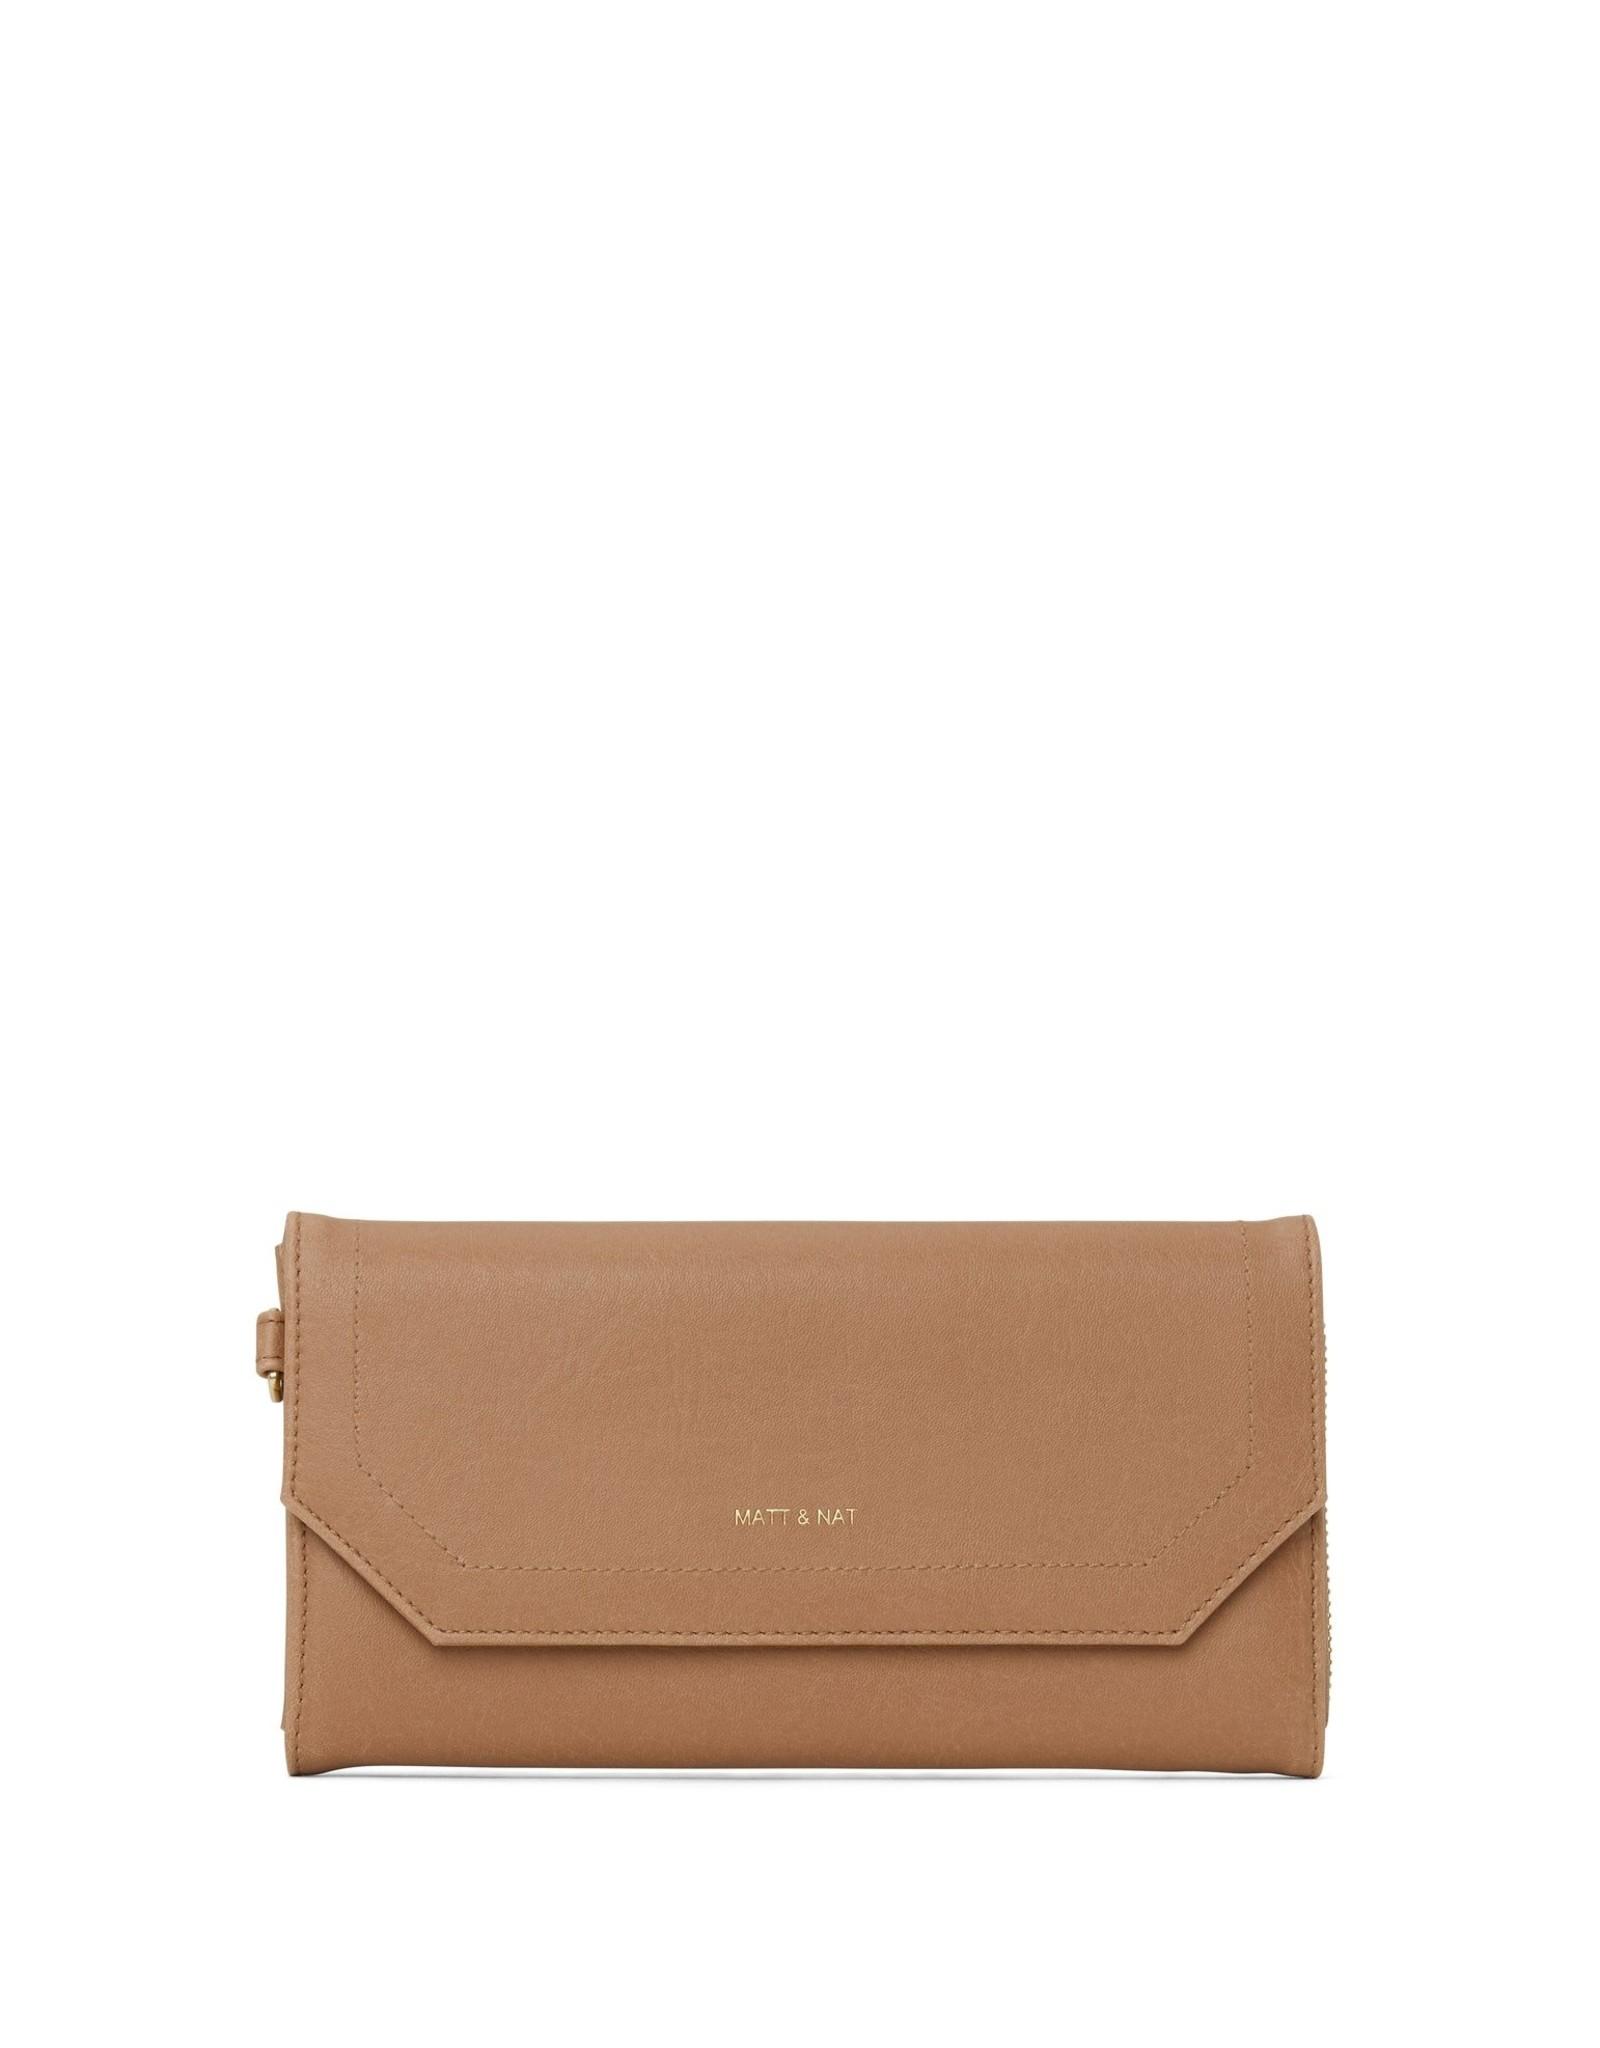 Matt & Nat - Mion Wallet/Soy